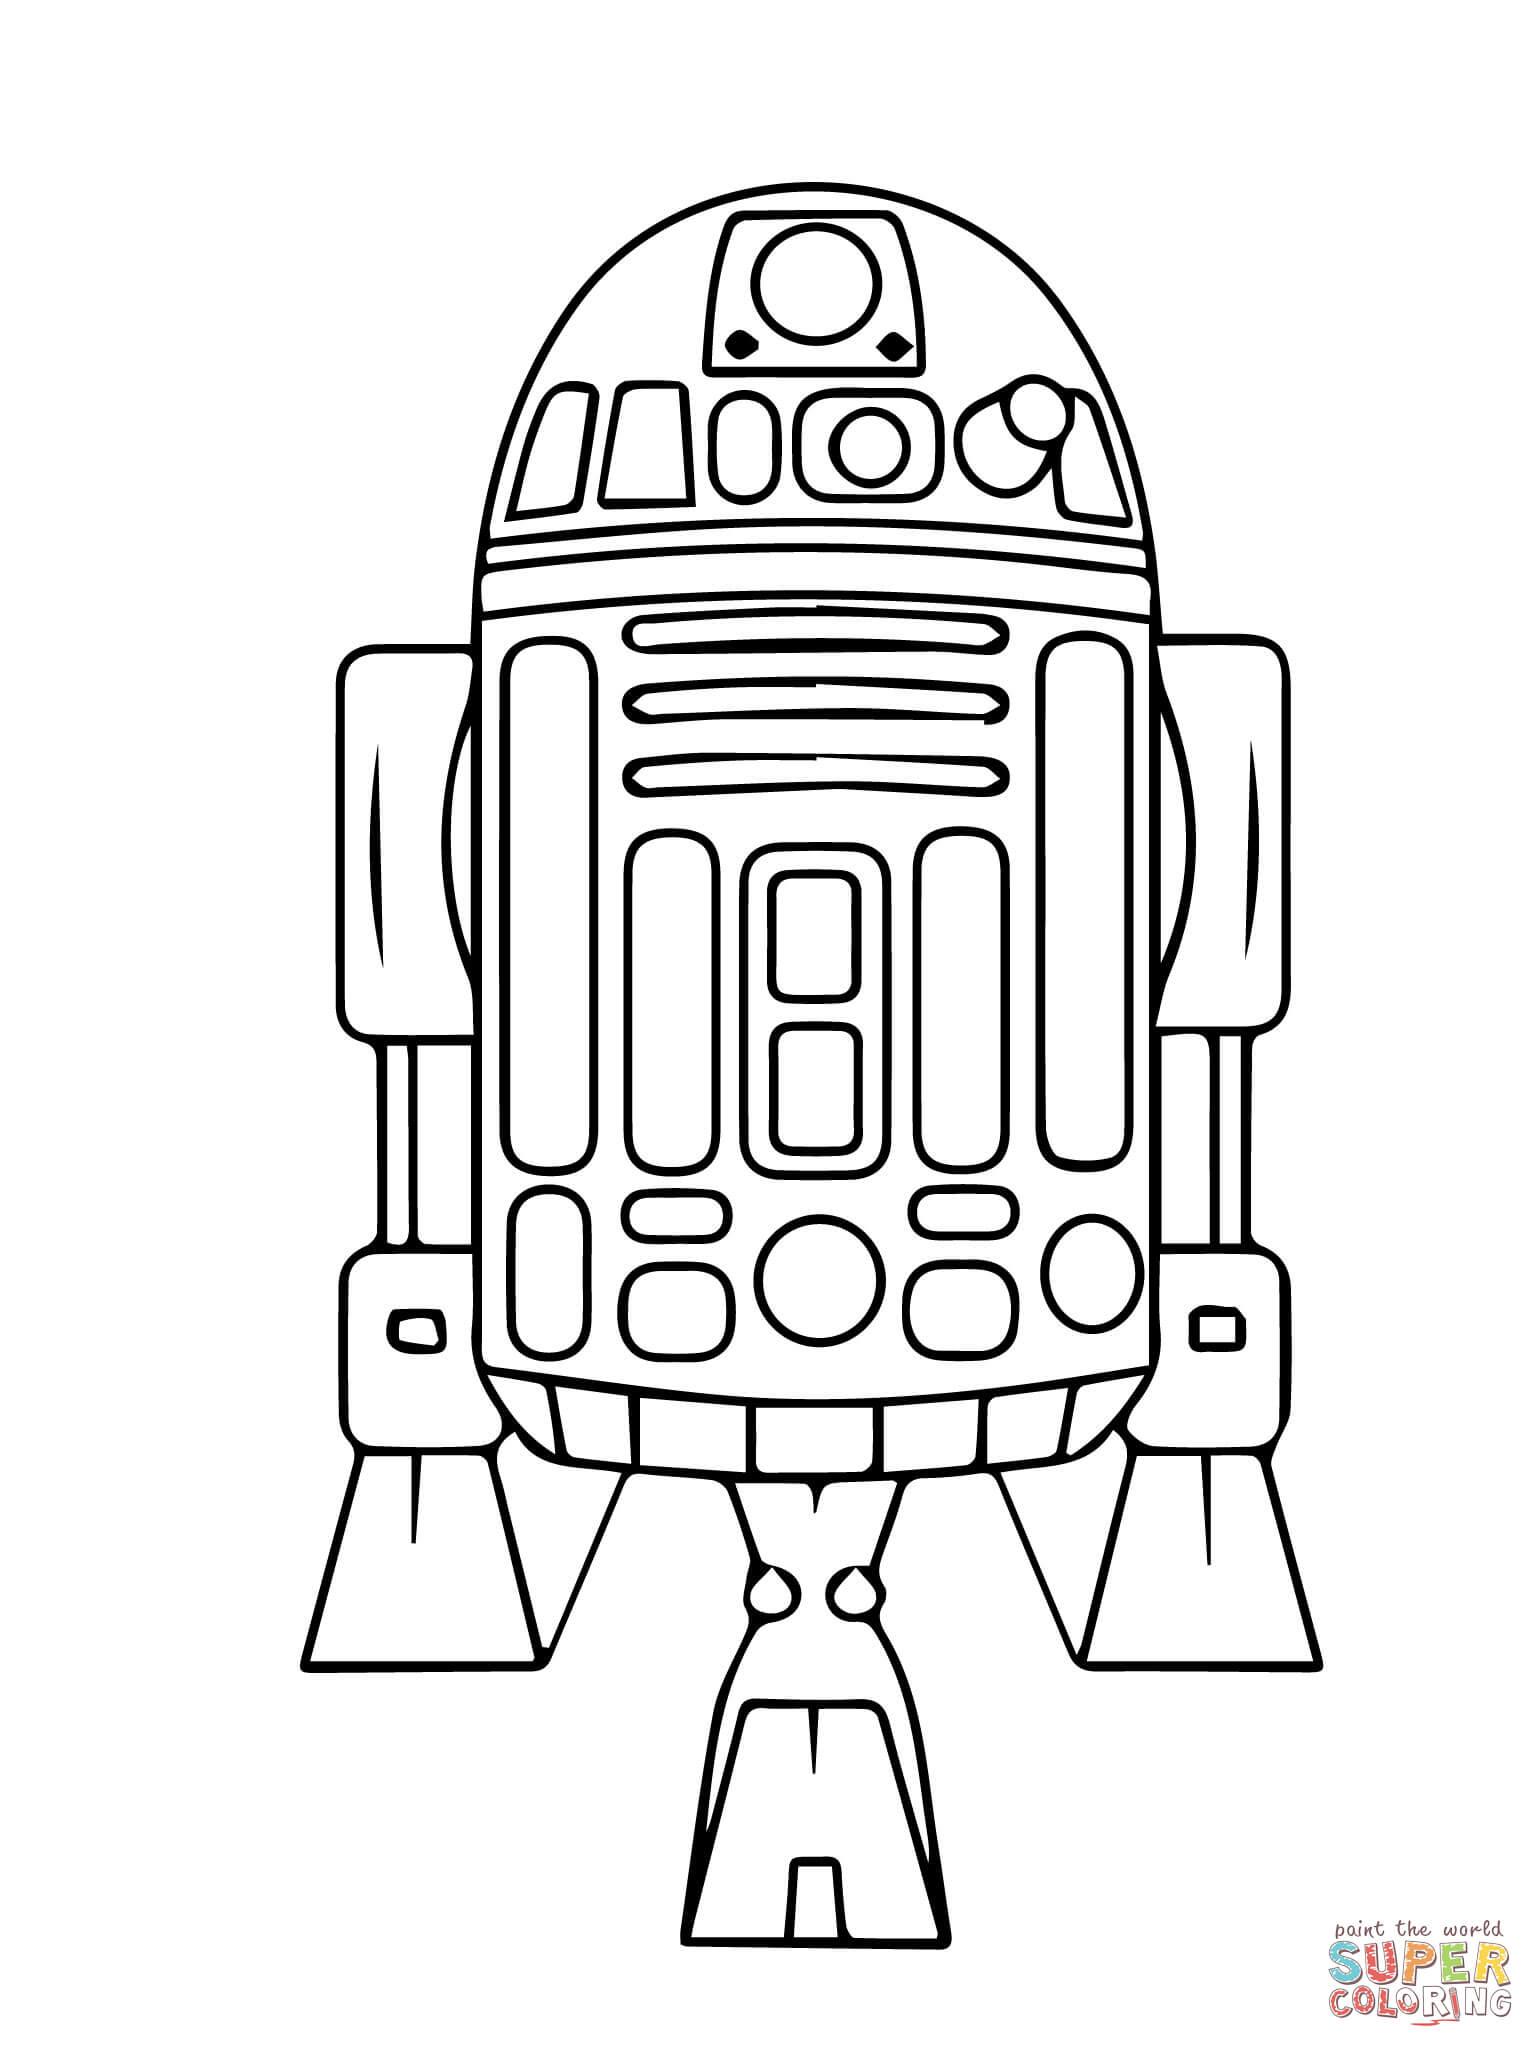 astromech droid r2 d2 coloring online super coloring